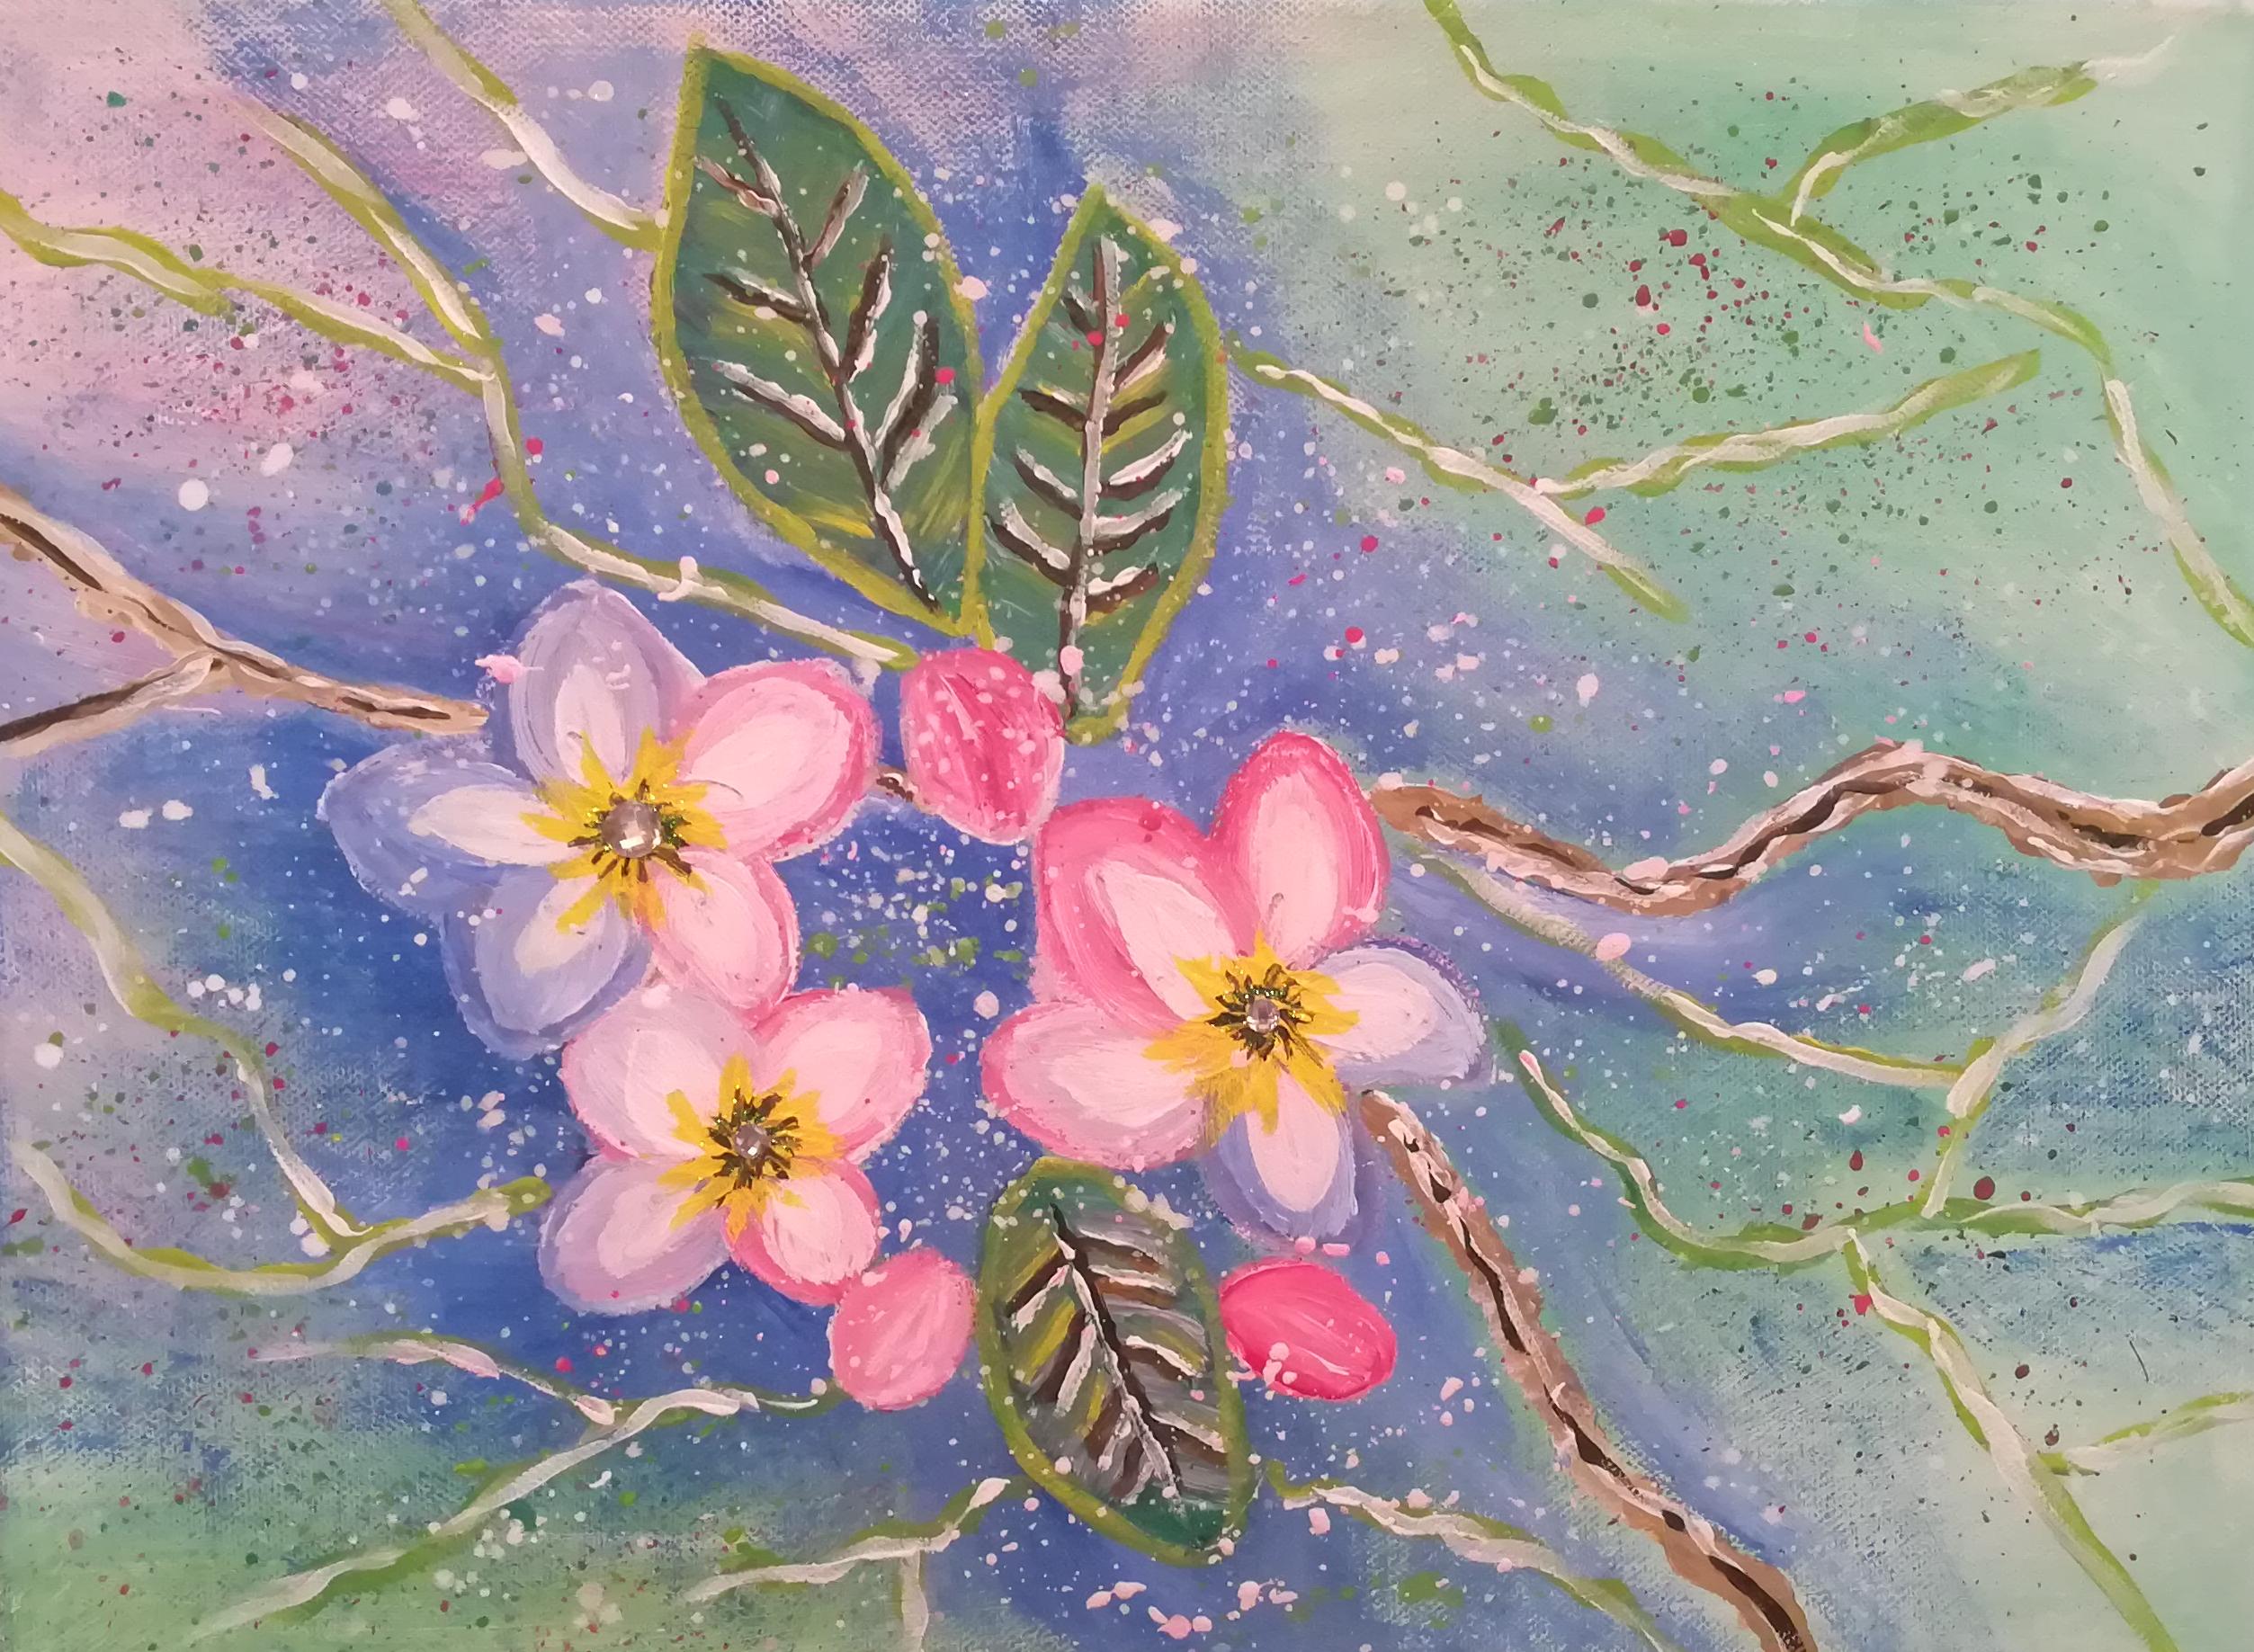 Kirschblüten mit drei Strasssteine 40 cm x 30 cm  Preis 65 Euro